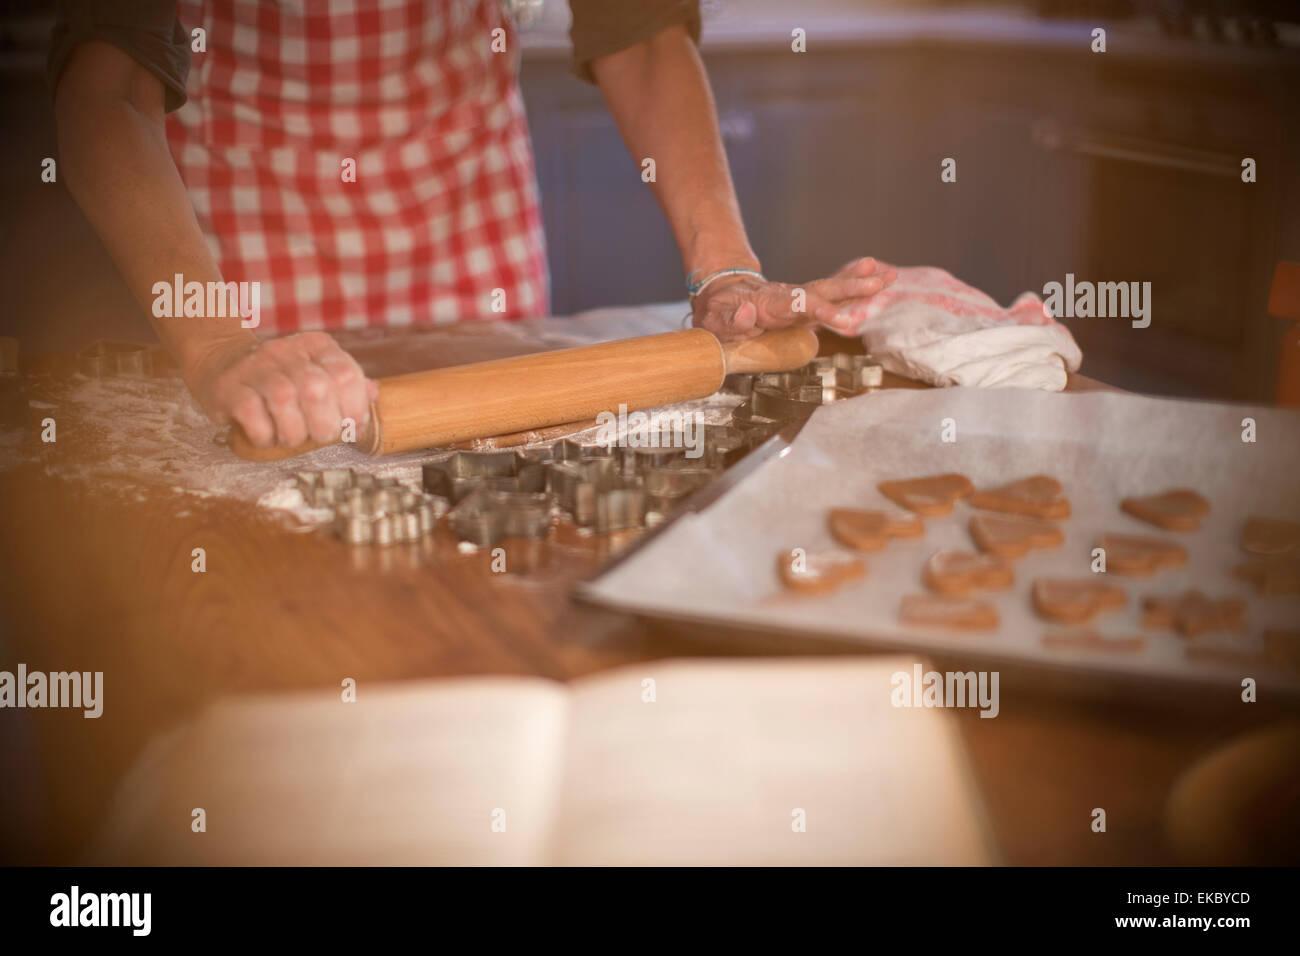 La cannelle et rouler la pâte de miel pour faire des biscuits Photo Stock